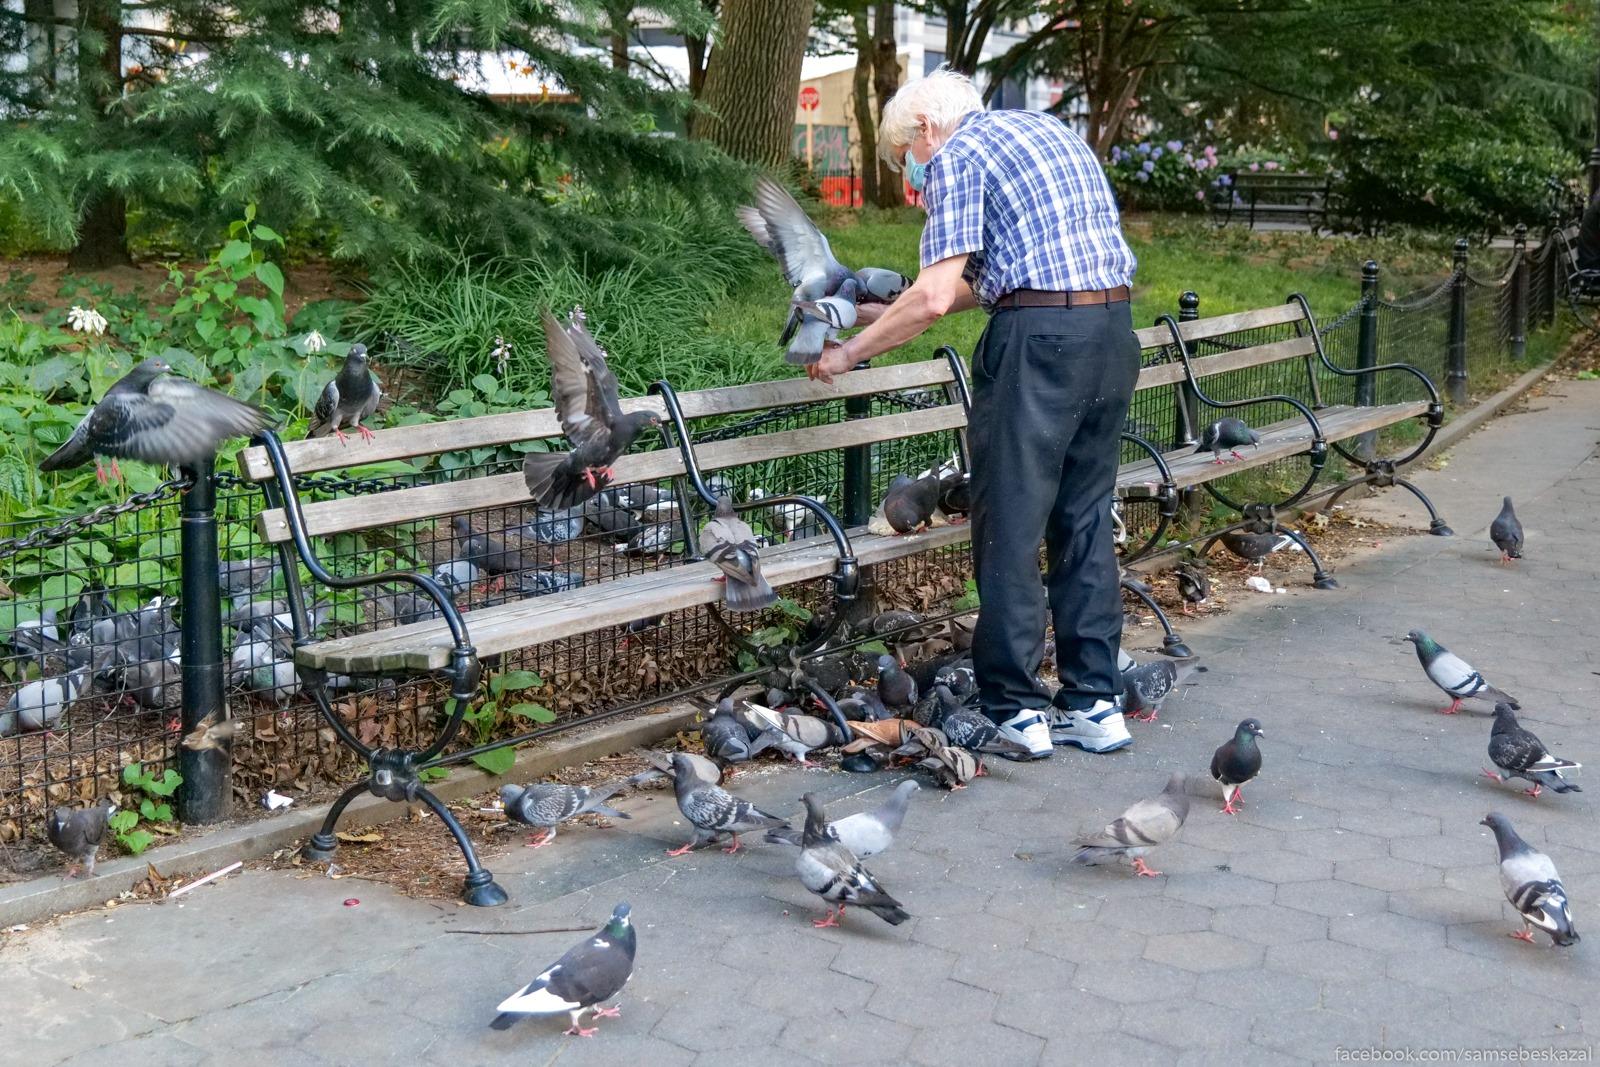 Kormit golubej v parke....